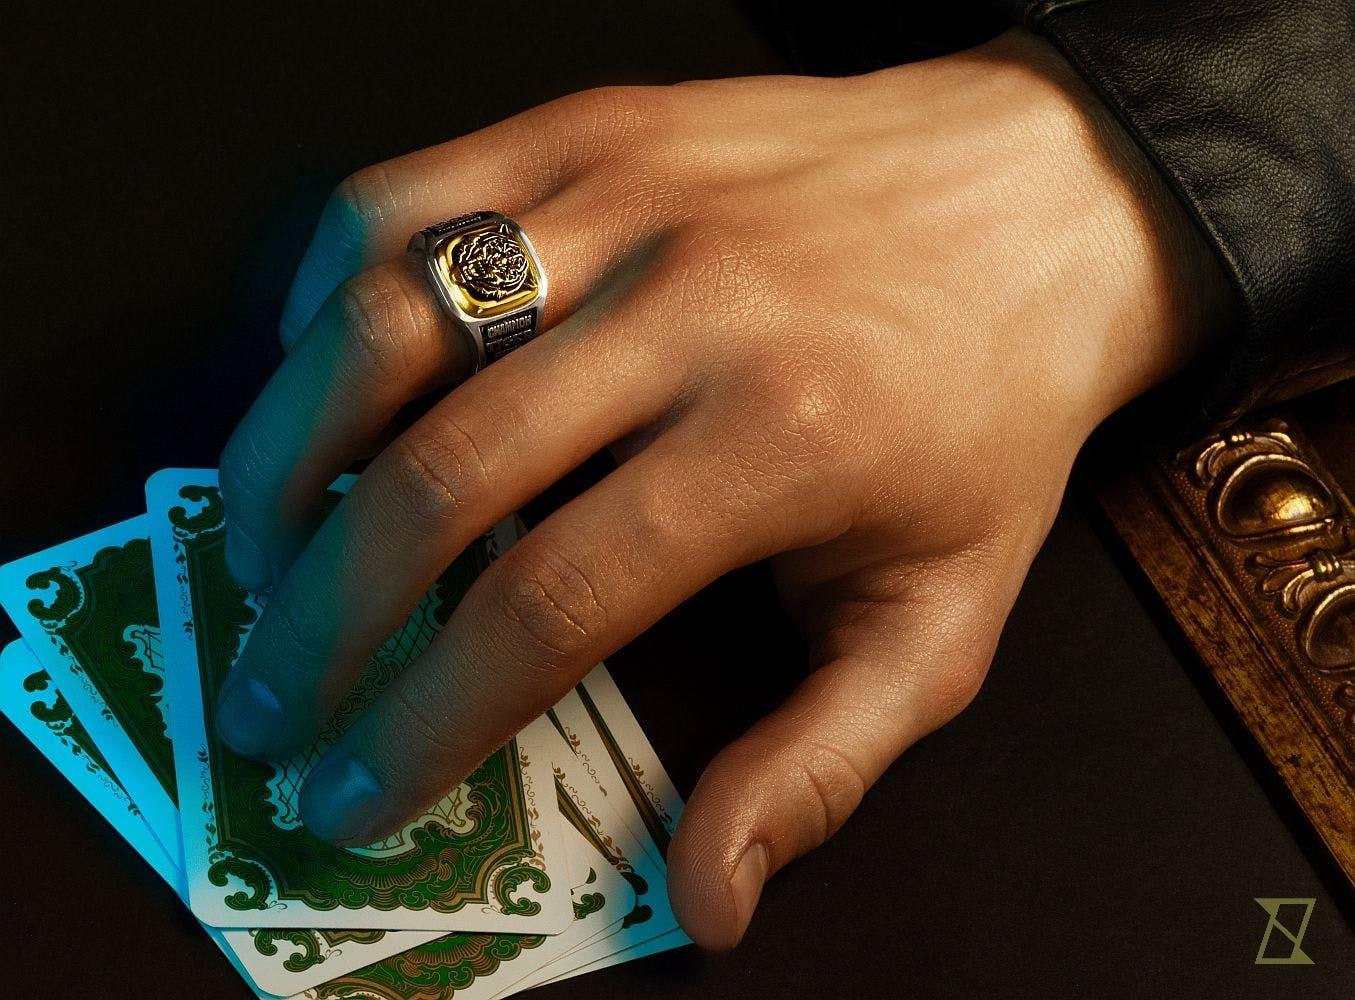 Dłoń z kartami do gry i pierścieniem z podobizną tygrysa.